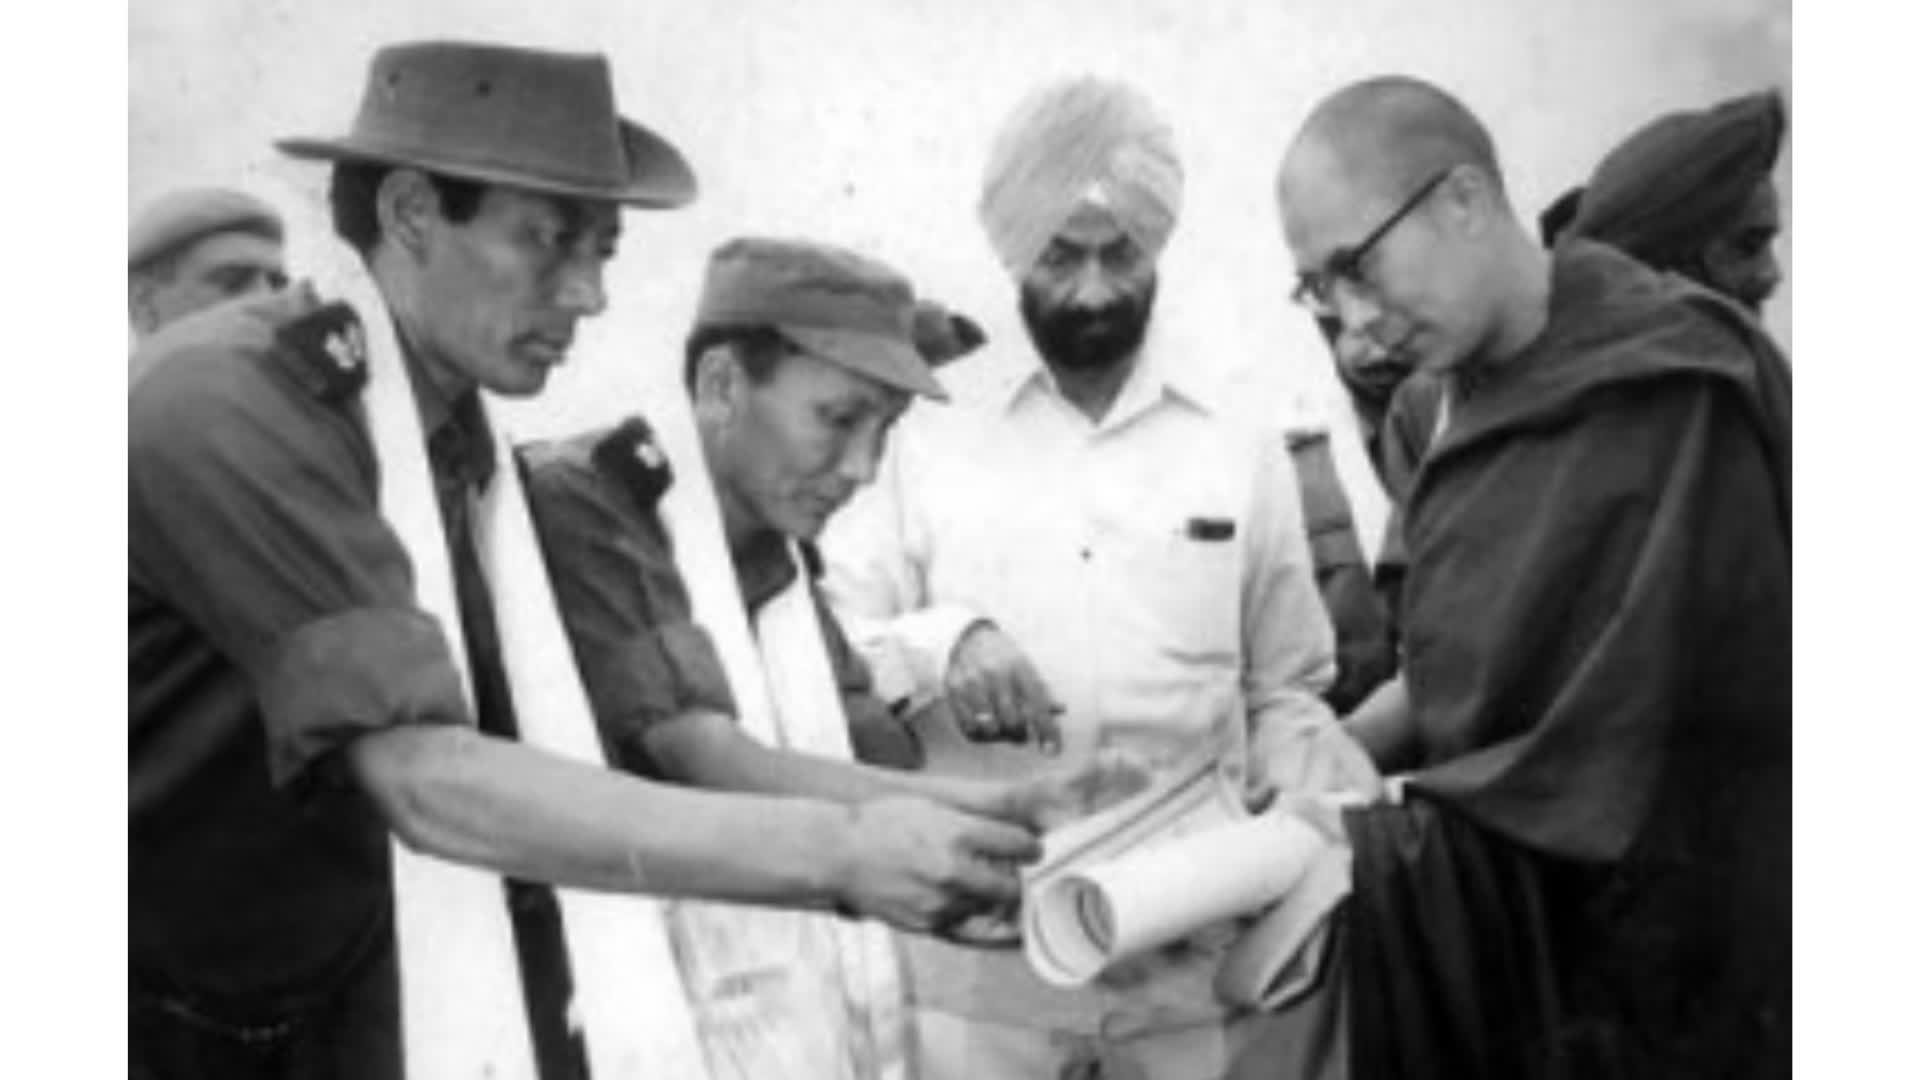 तिब्बती सैनिक भी लड़ते हैं भारत के लिये